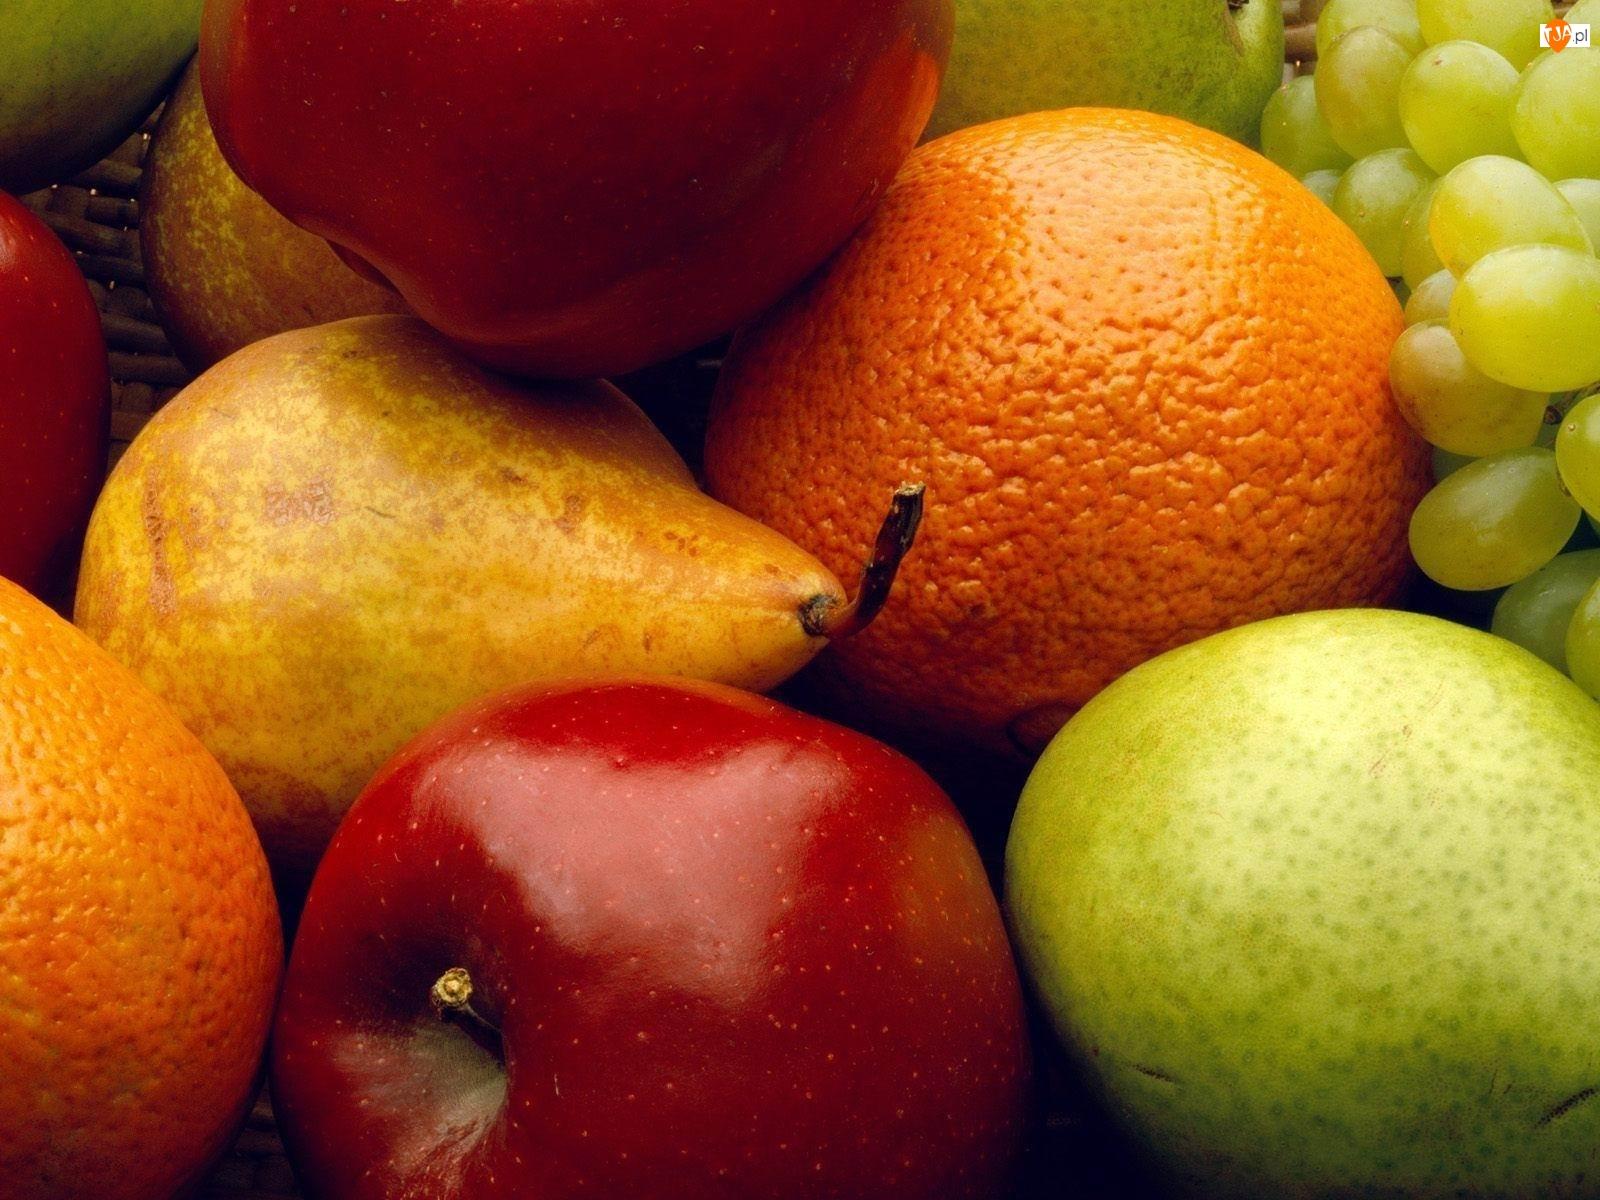 Pomarańcza, Kolorowe, Jabłka, Owoce, Gruszki